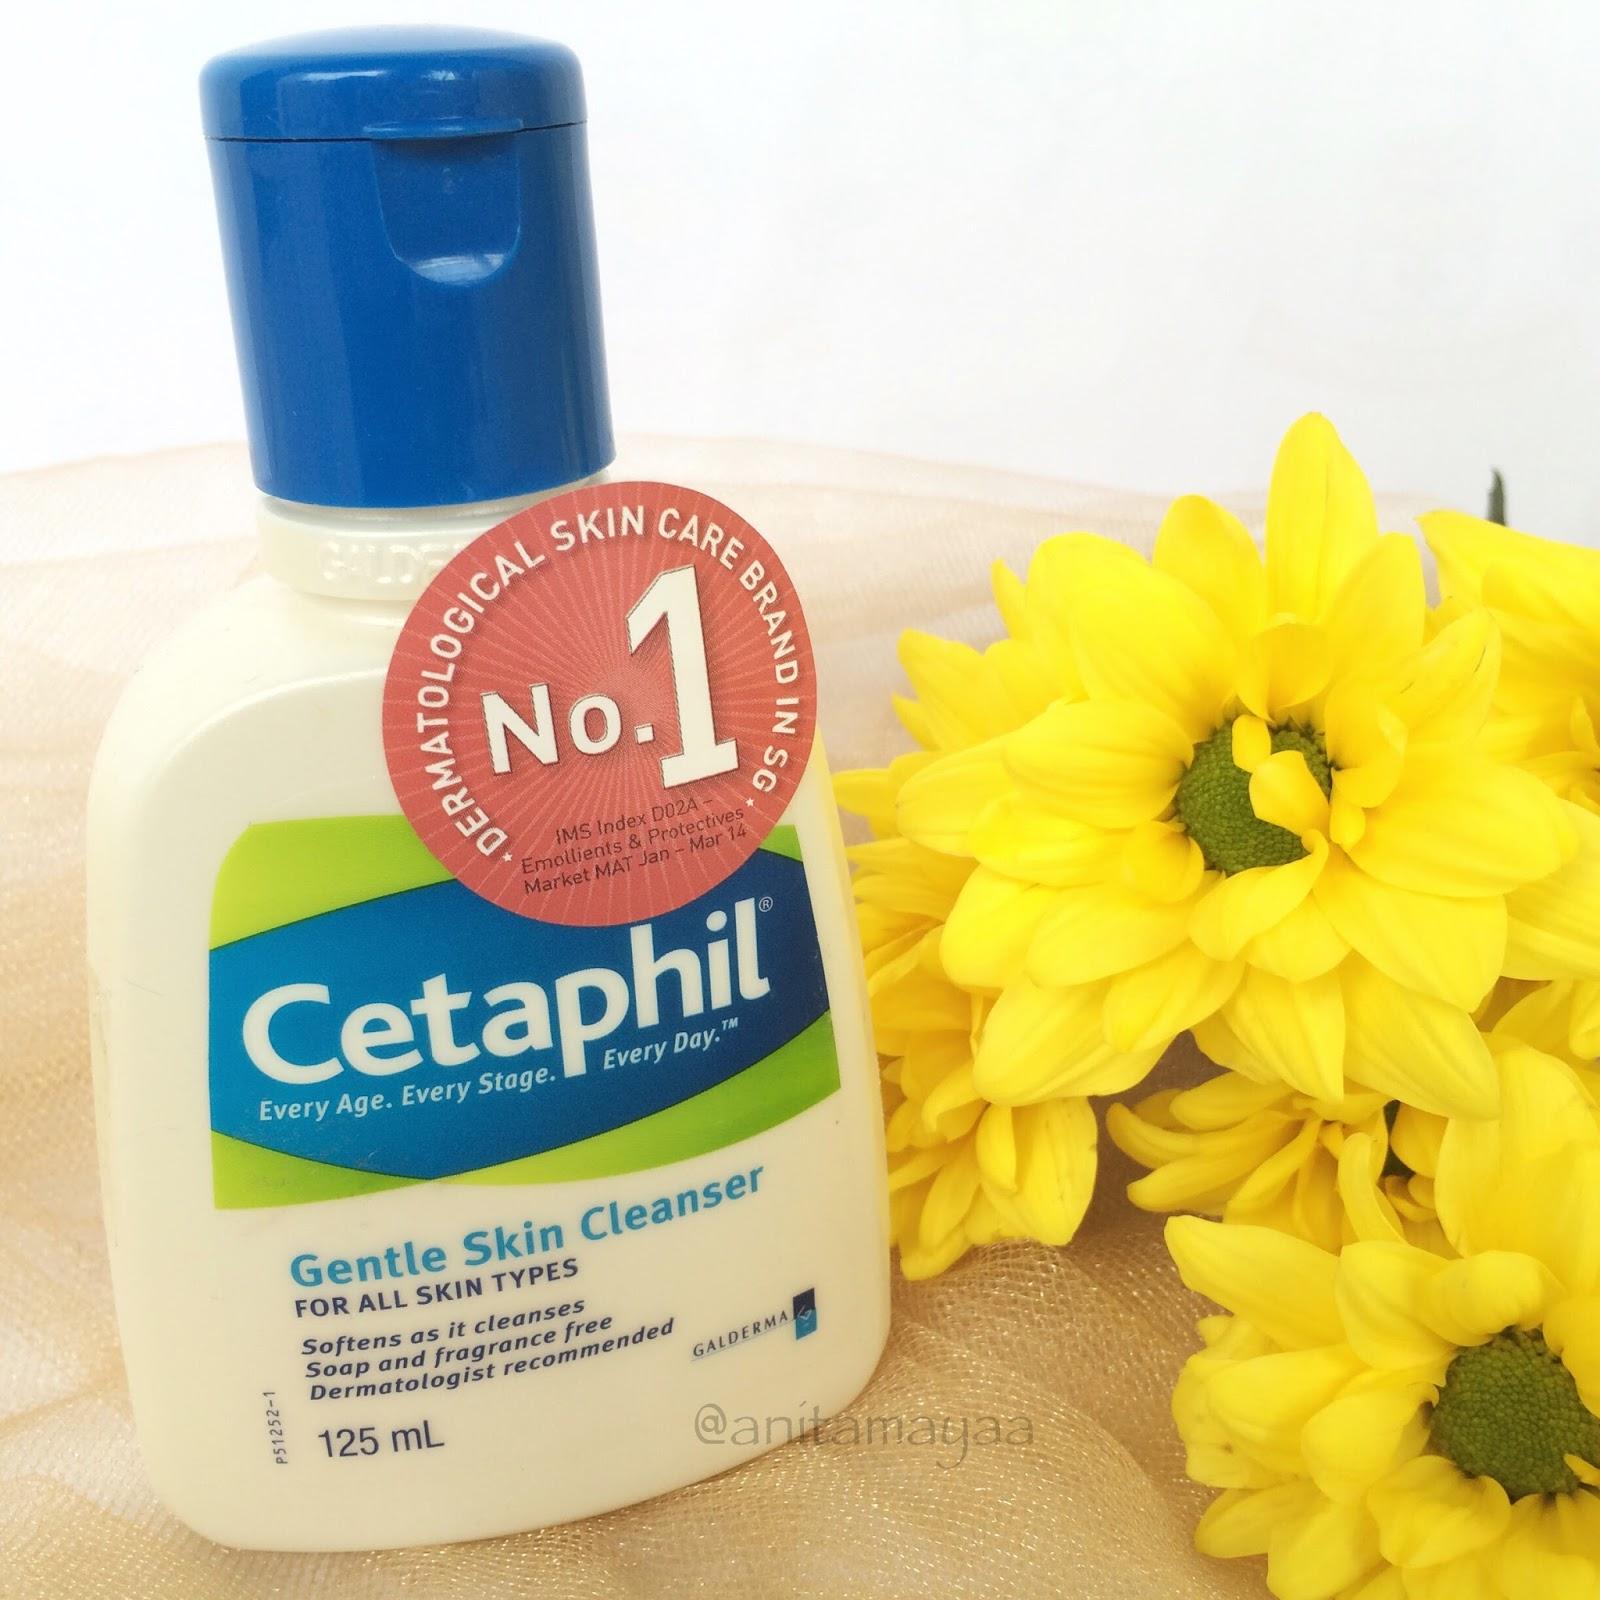 Review Cetaphil Gentle Skin Cleanser Dan Moisturizing Cream 250ml Sabun Cuci Muka Face Wash Adalah Pembersih Untuk Kulit Wajah Juga Kemasan Yang Aku Punya Ini Berisi 125 Ml Produk Teksturnya Mirip Gel Tapi